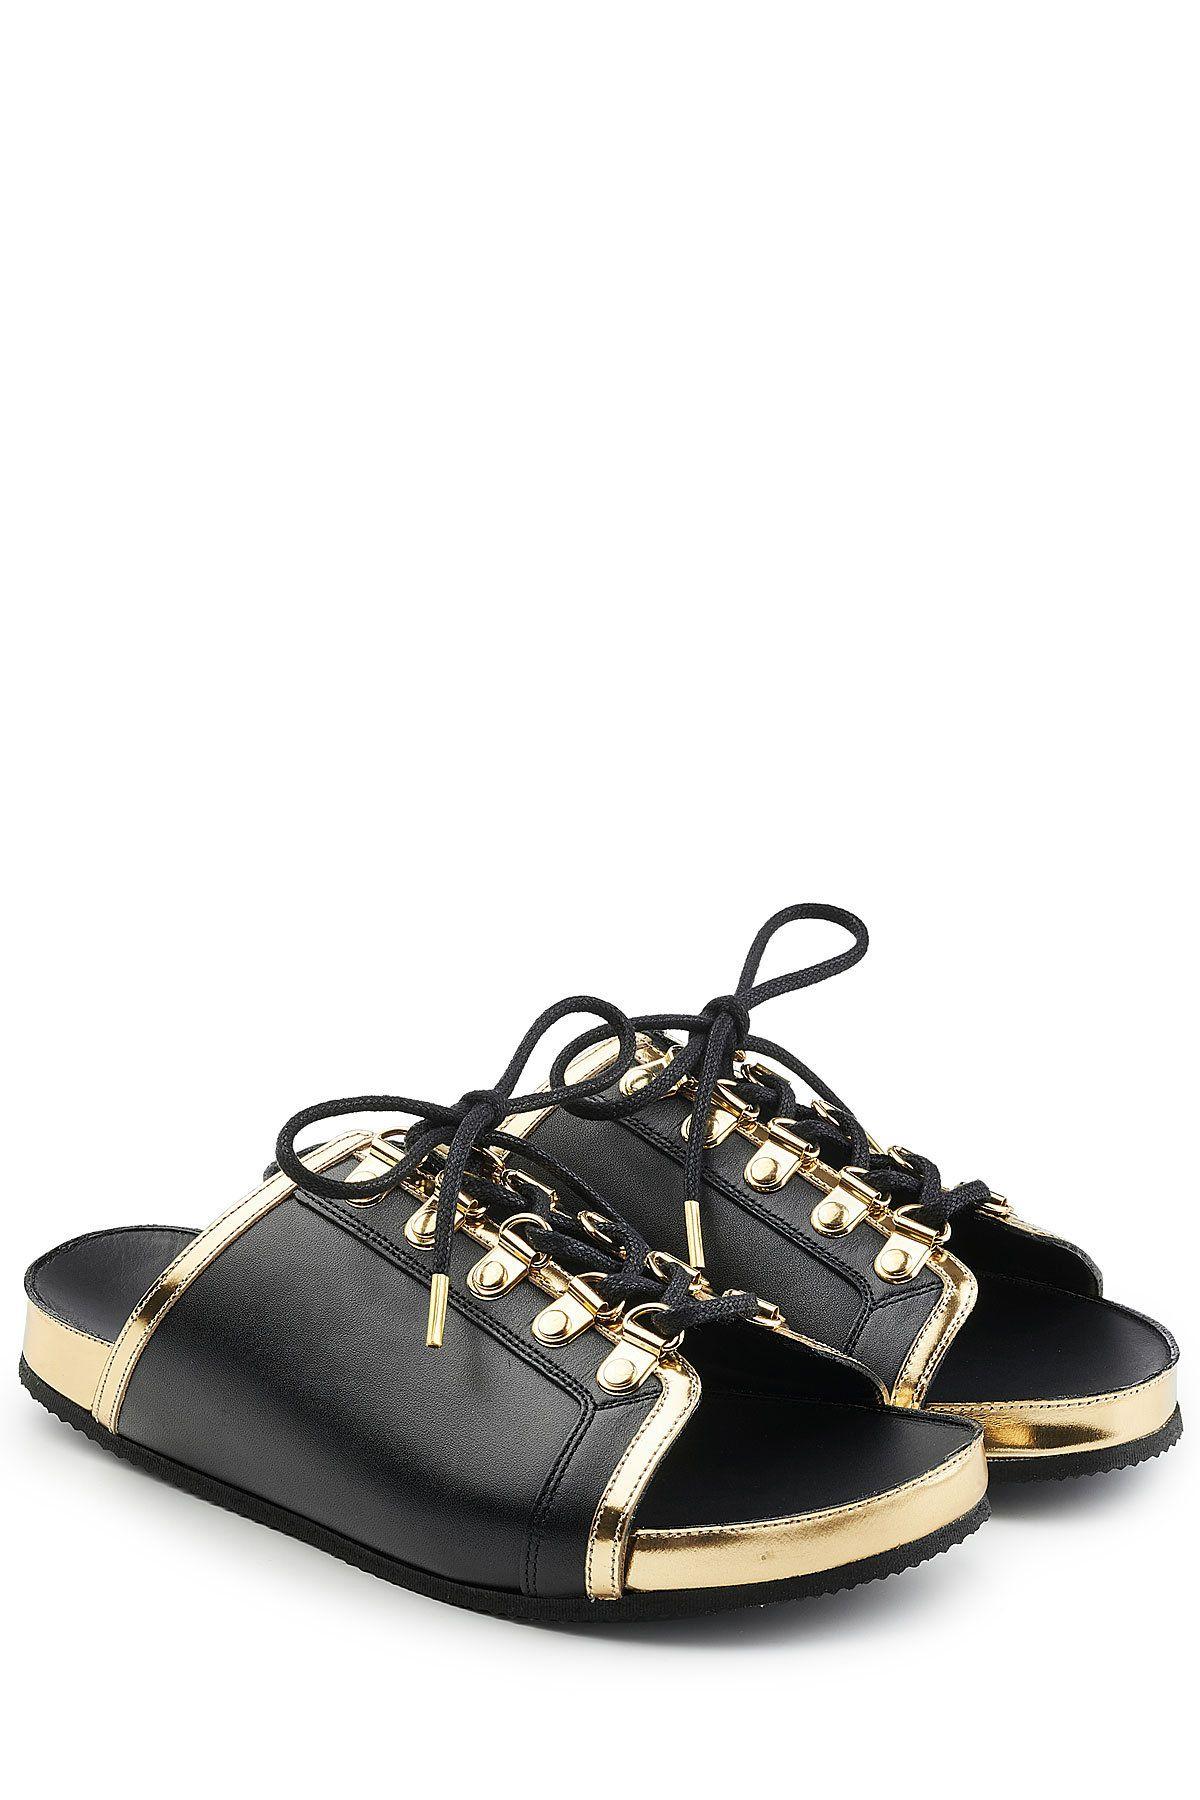 Balmain Black Leather Lace Up Slides Gr Fr 38 266780